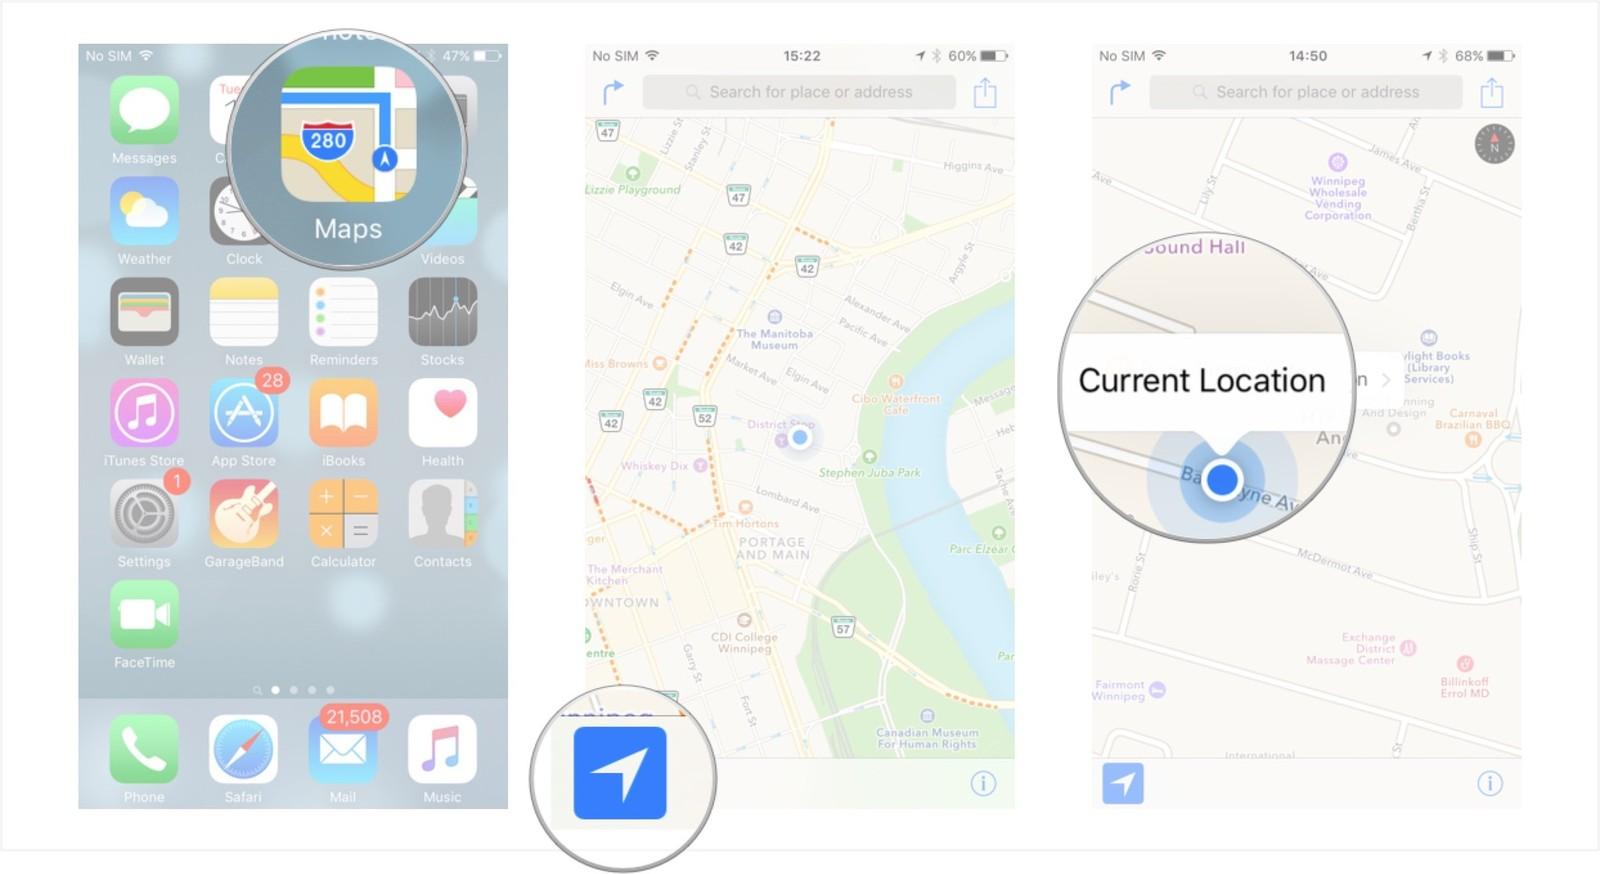 Как пользоваться Картами на iPhone и iPad - Определение текущего местоположения